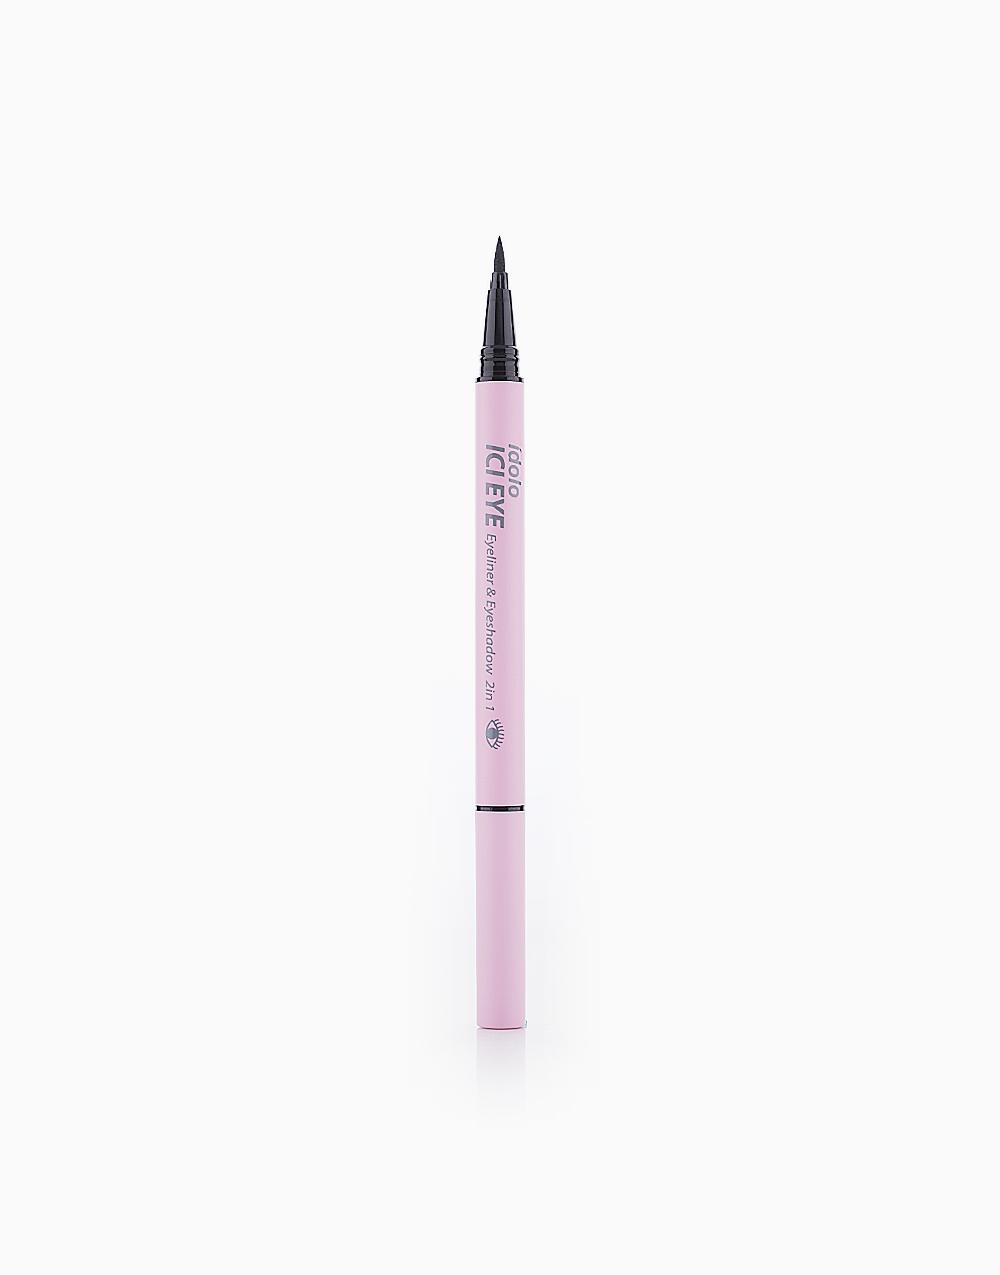 Idolo Ici Eye 2-in-1 Eyeliner & Eyeshadow by Mistine   Peach